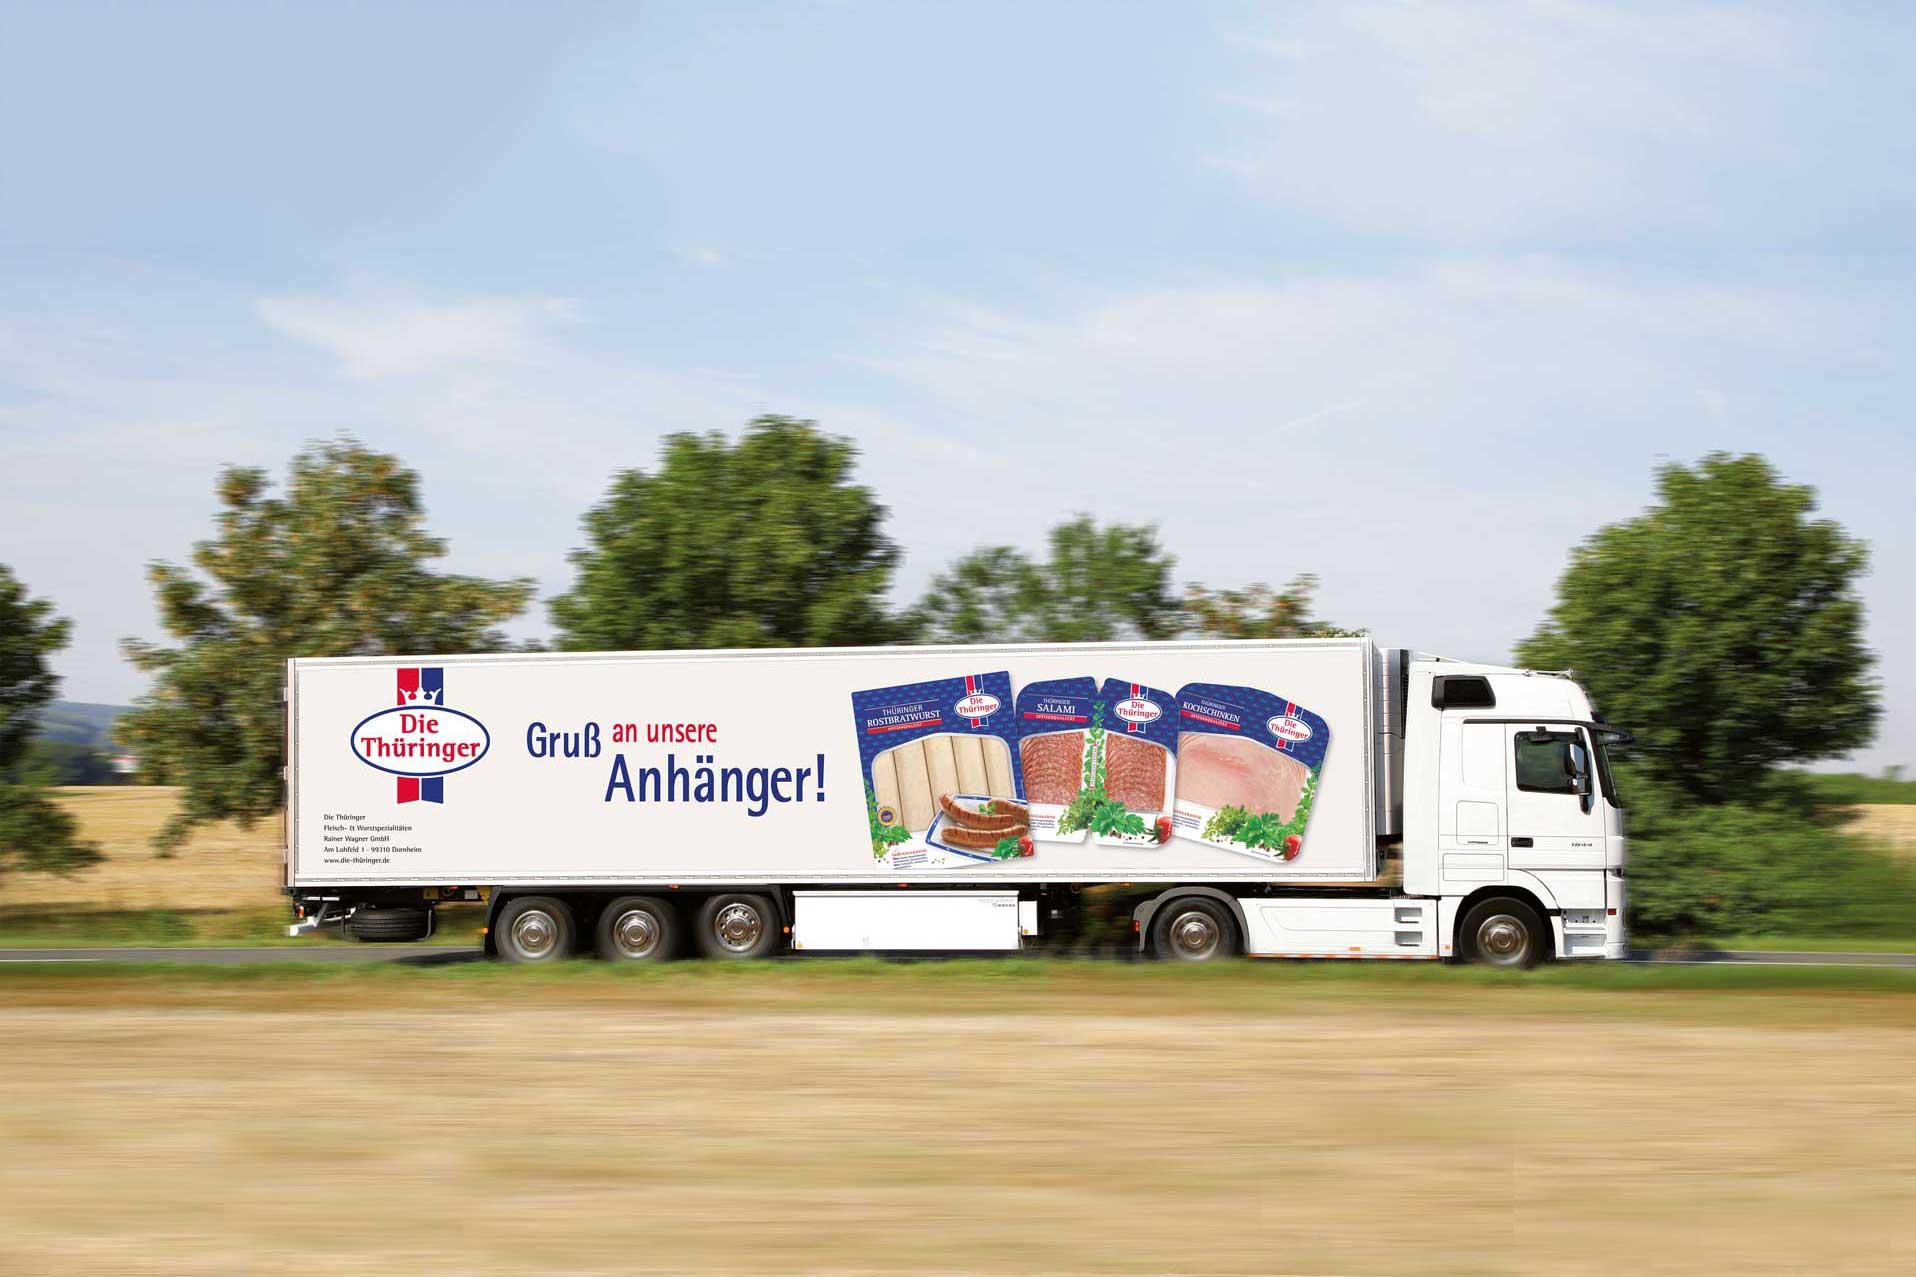 Werbung für Die Thüringer auf einem LKW